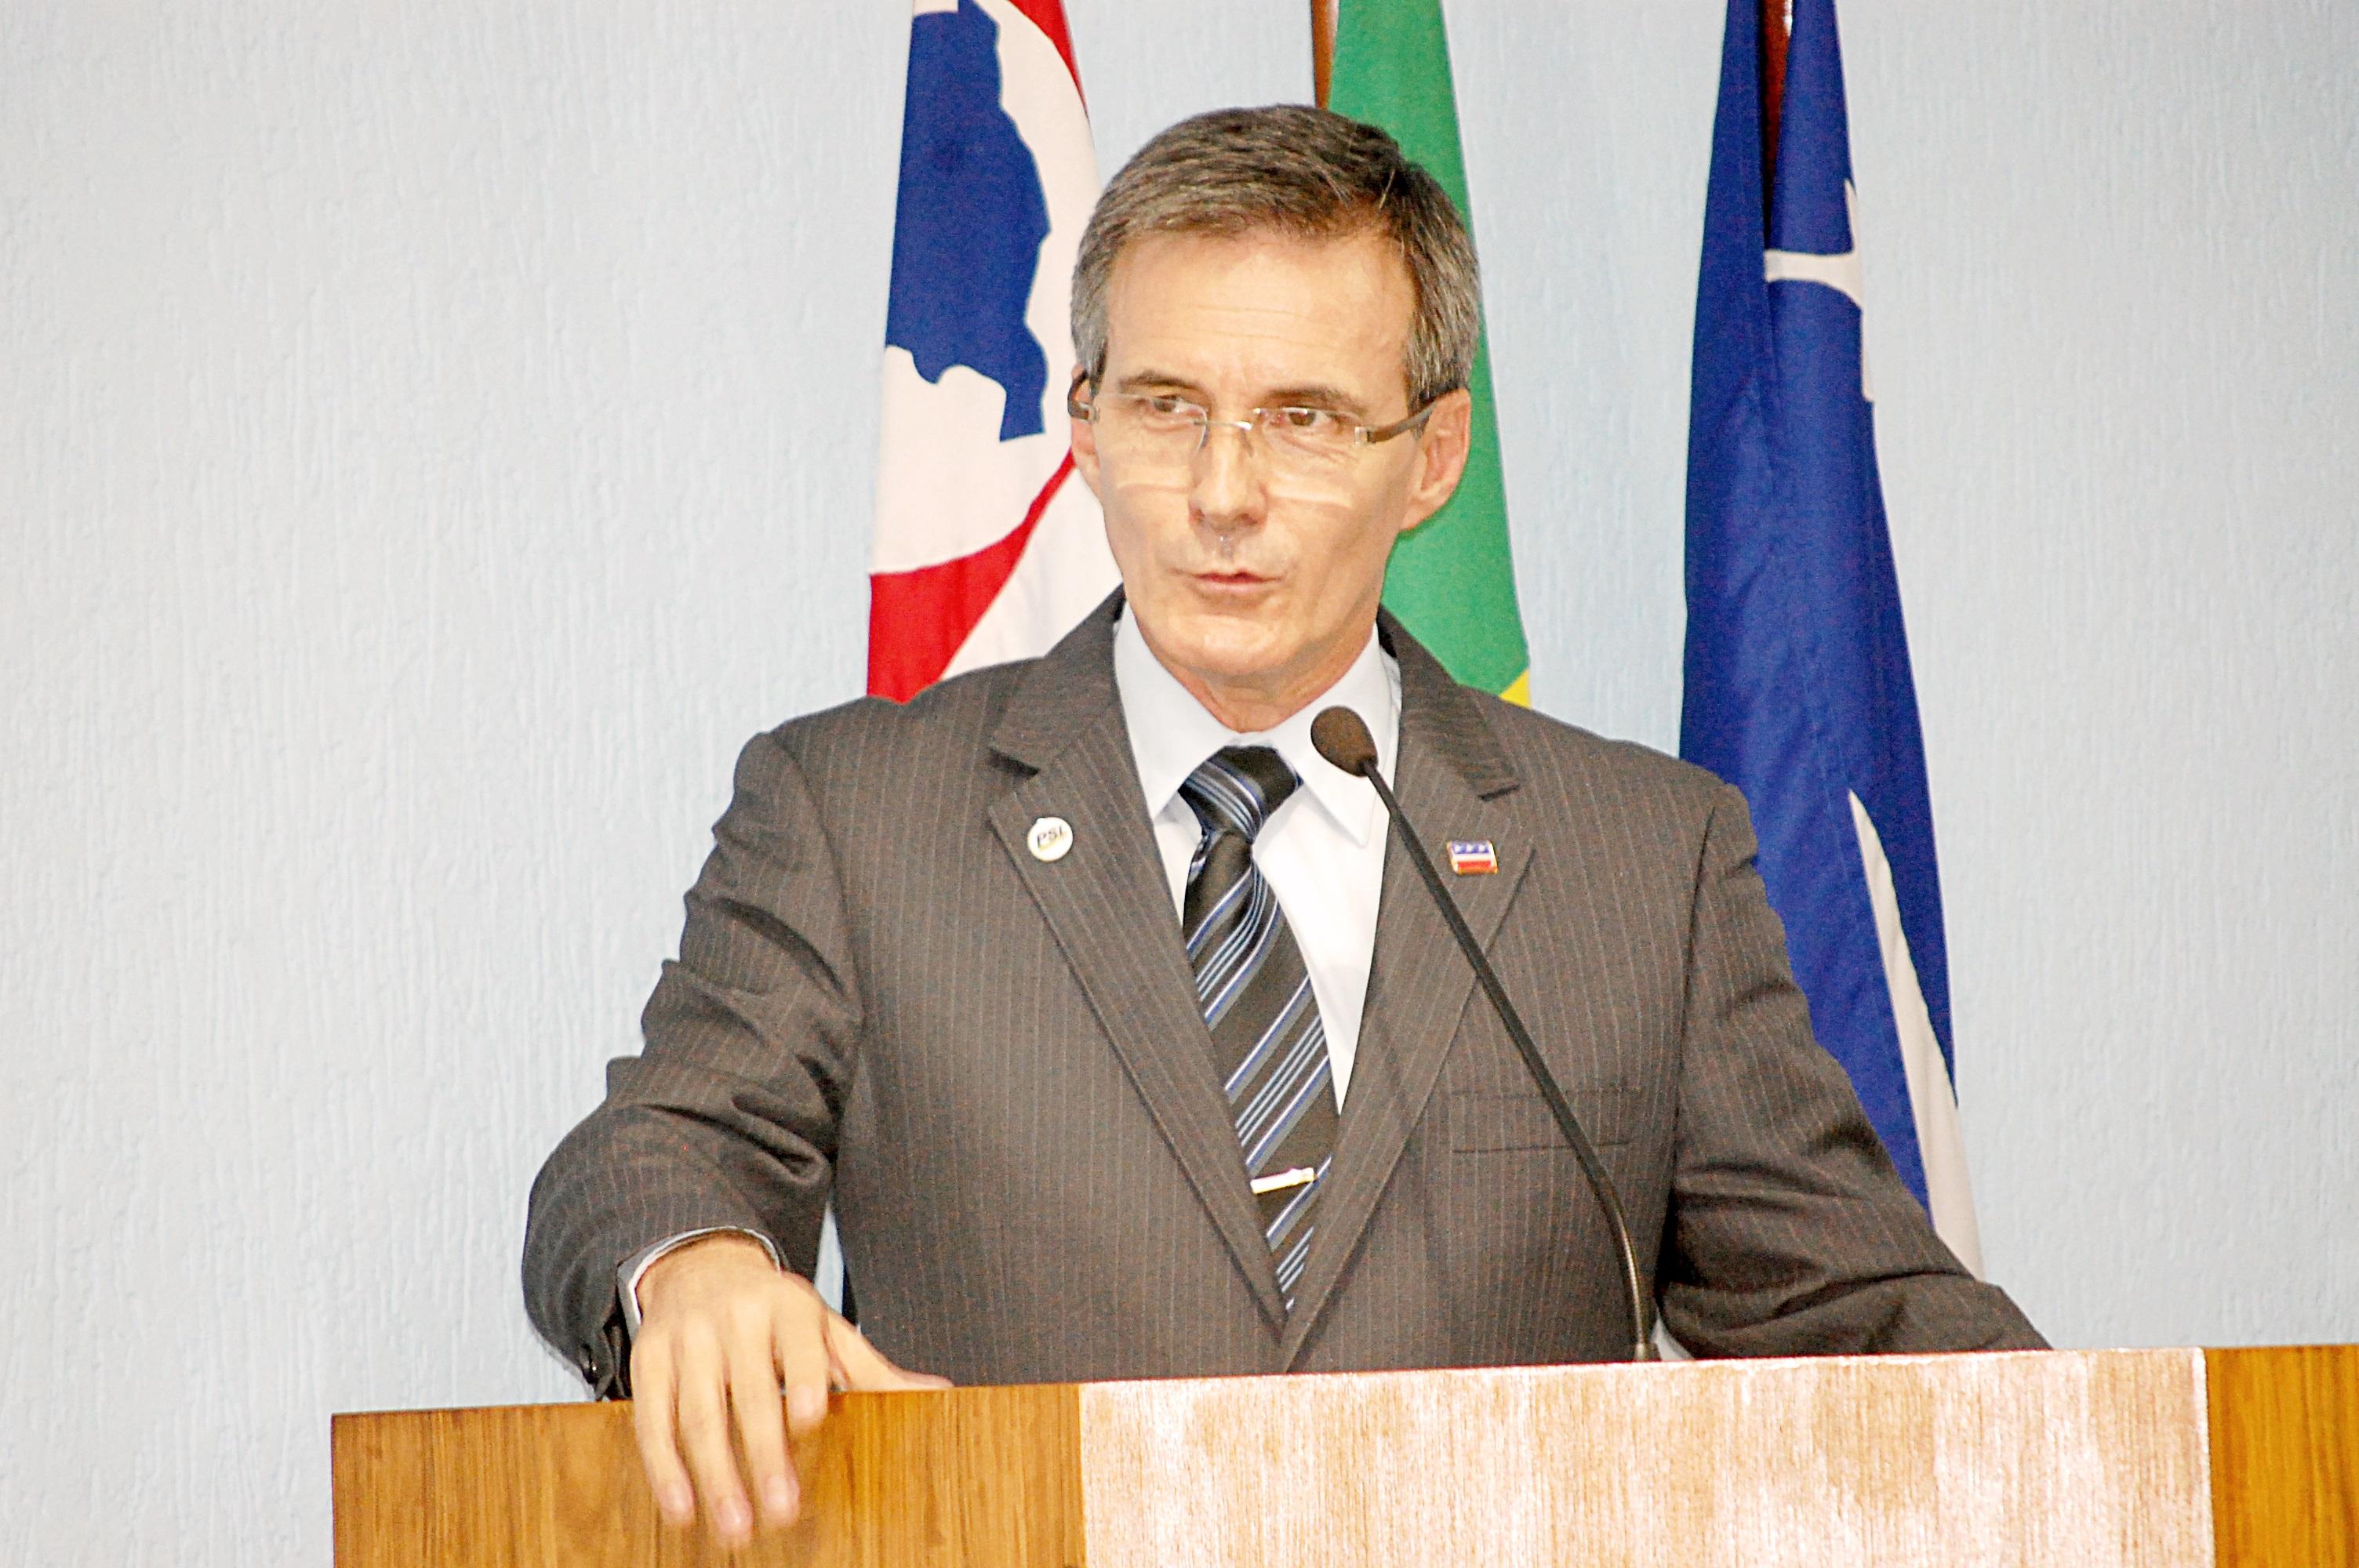 O vereador de oposição, Marcus Soliva, que cobrou abertura dos gastos de autarquias de Guará (Foto: Arquivo Atos)